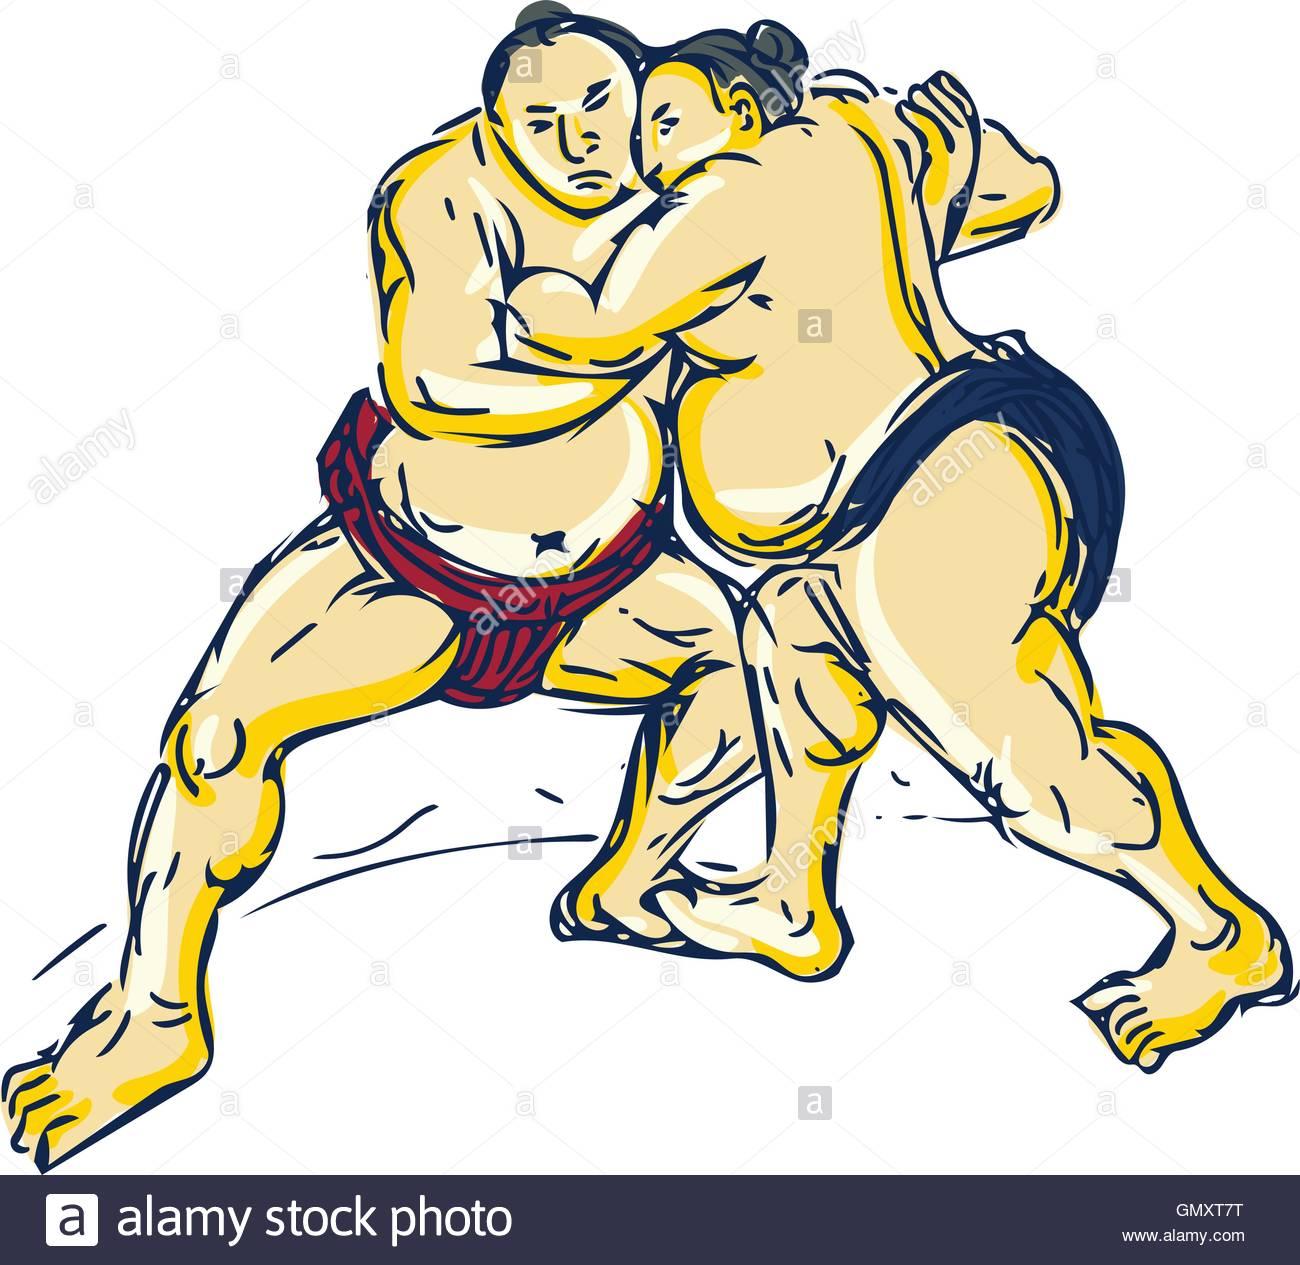 1300x1265 Japanese Sumo Wrestler Wrestling Drawing Stock Vector Art